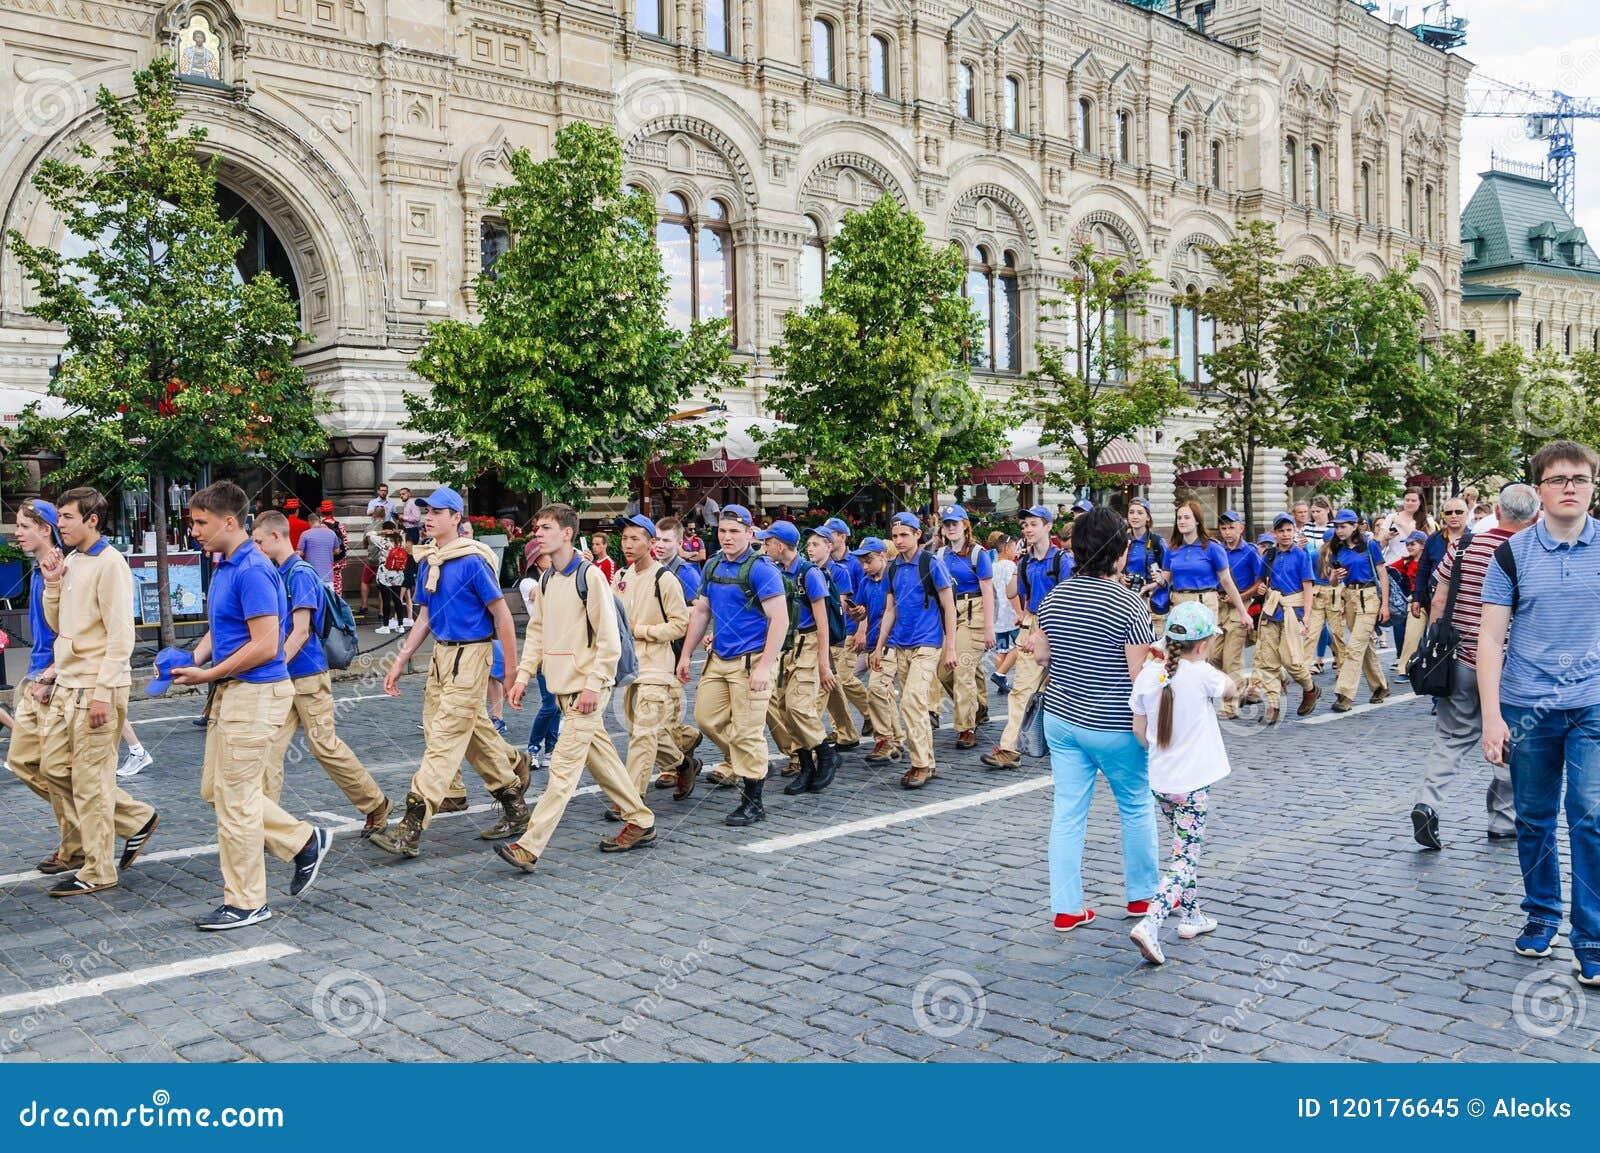 Eine Gruppe Jugendlichtouristen in der Uniform des Sommerlagers gehen in Paare auf dem roten Quadrat